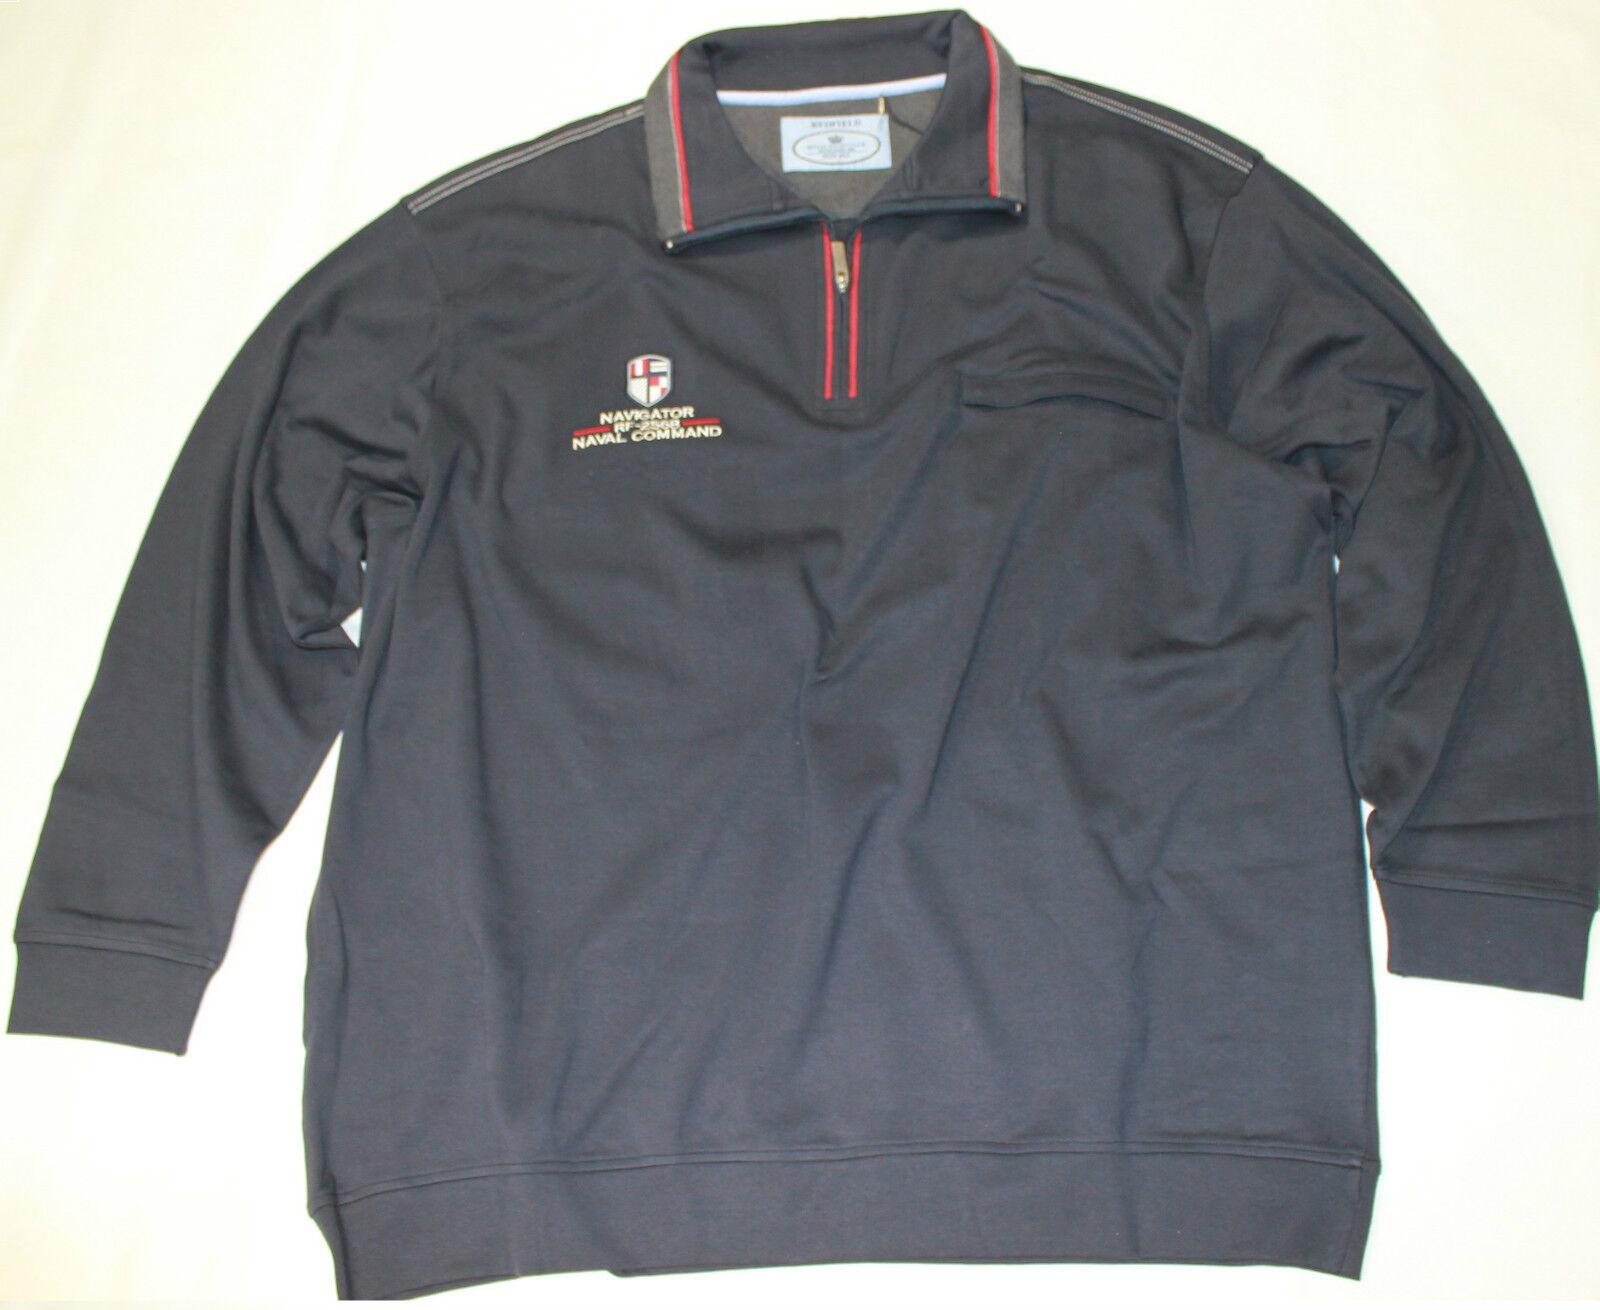 15021 ROTFIELD Troyer Kragen Sweatshirt in Übergröße 4XL 5XL 6XL 7XL